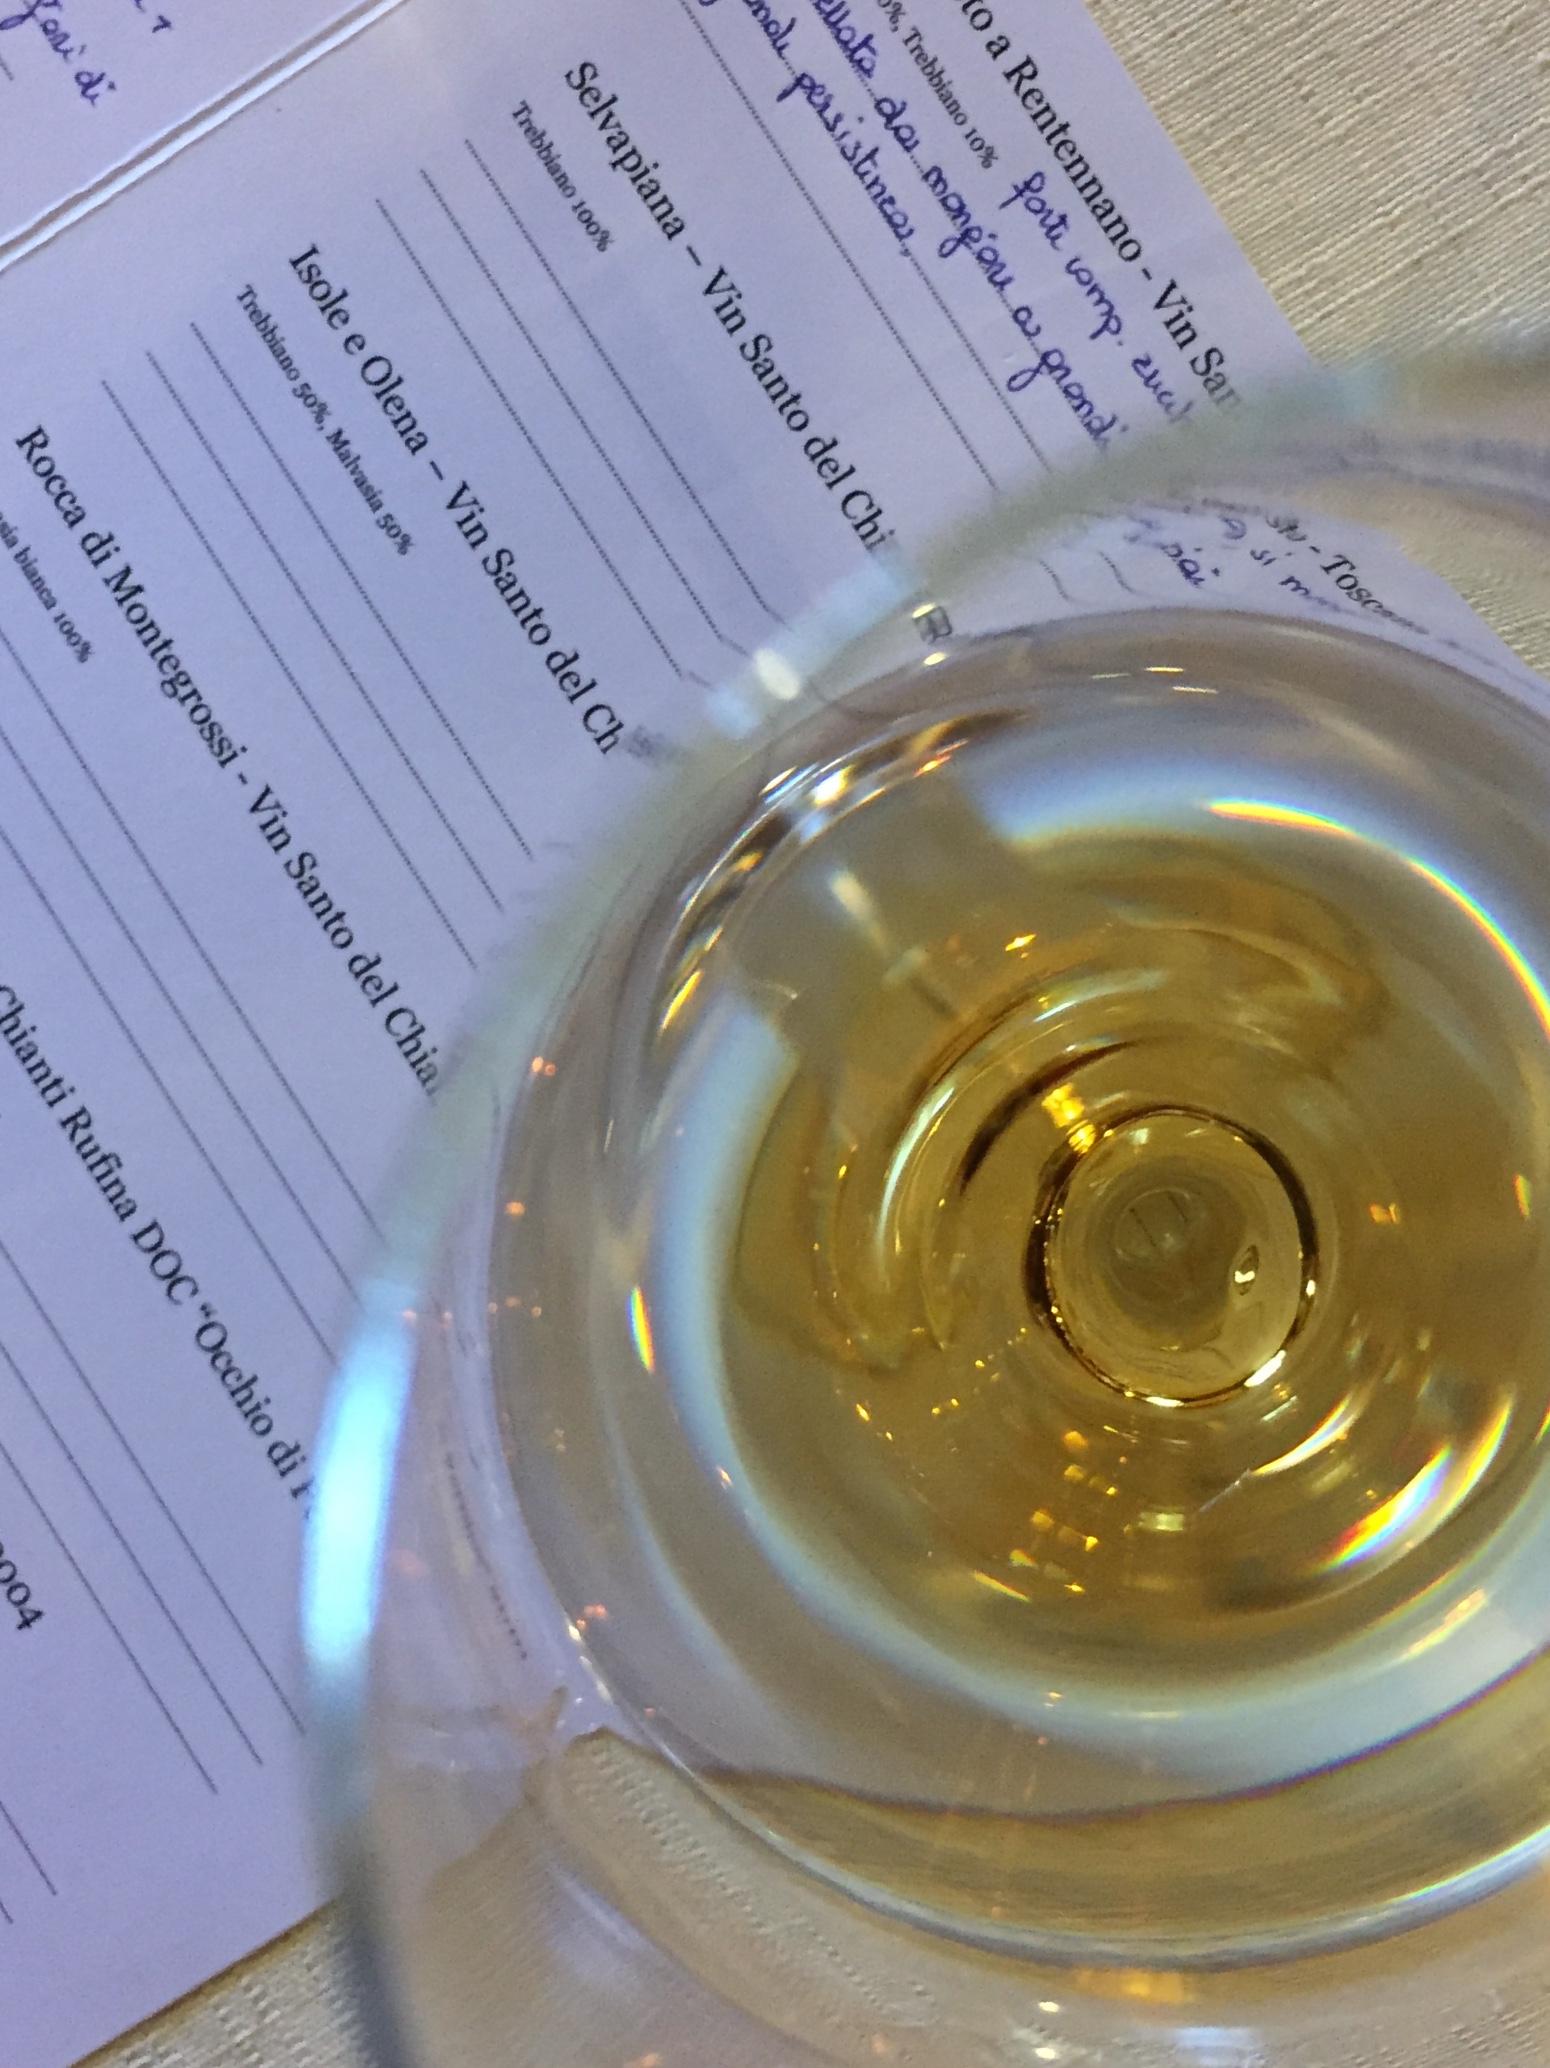 selvapiana vin santo del chianti rufina